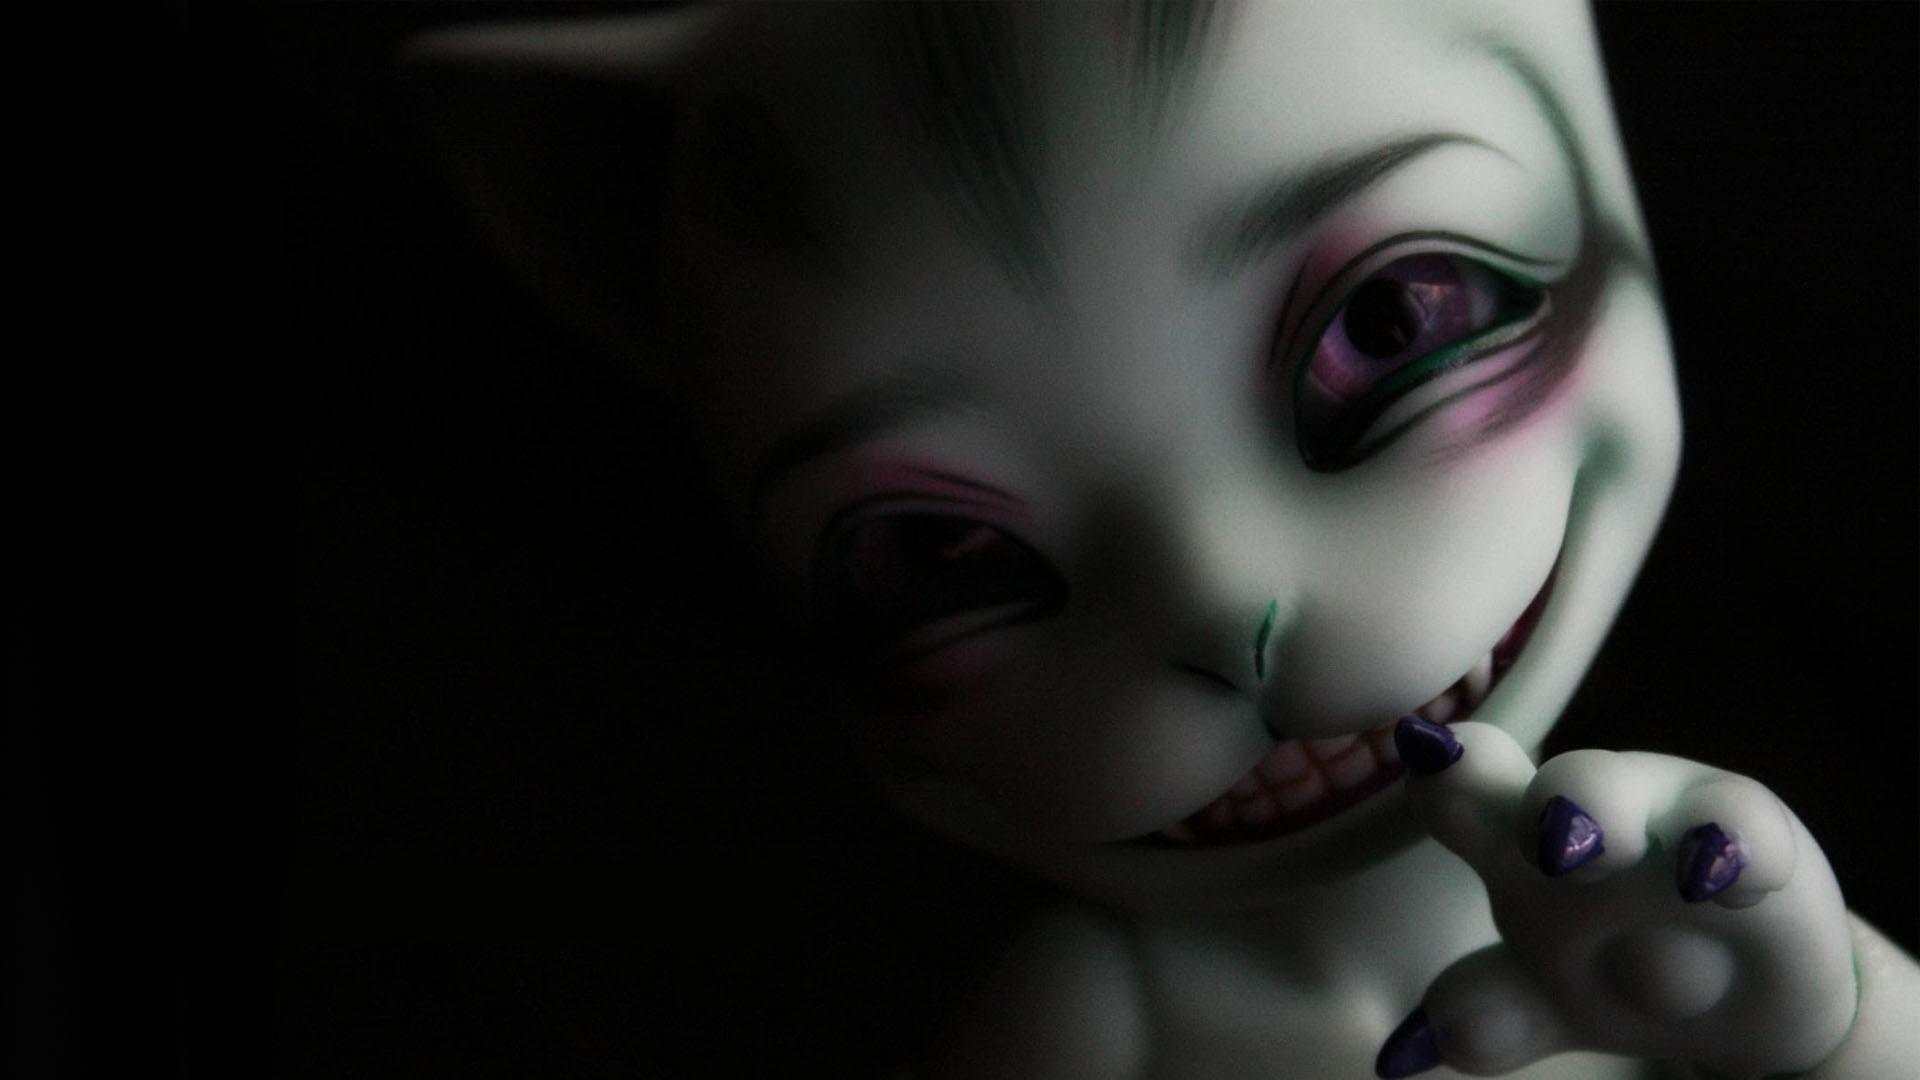 Res: 1920x1080, Dark Creepy Background